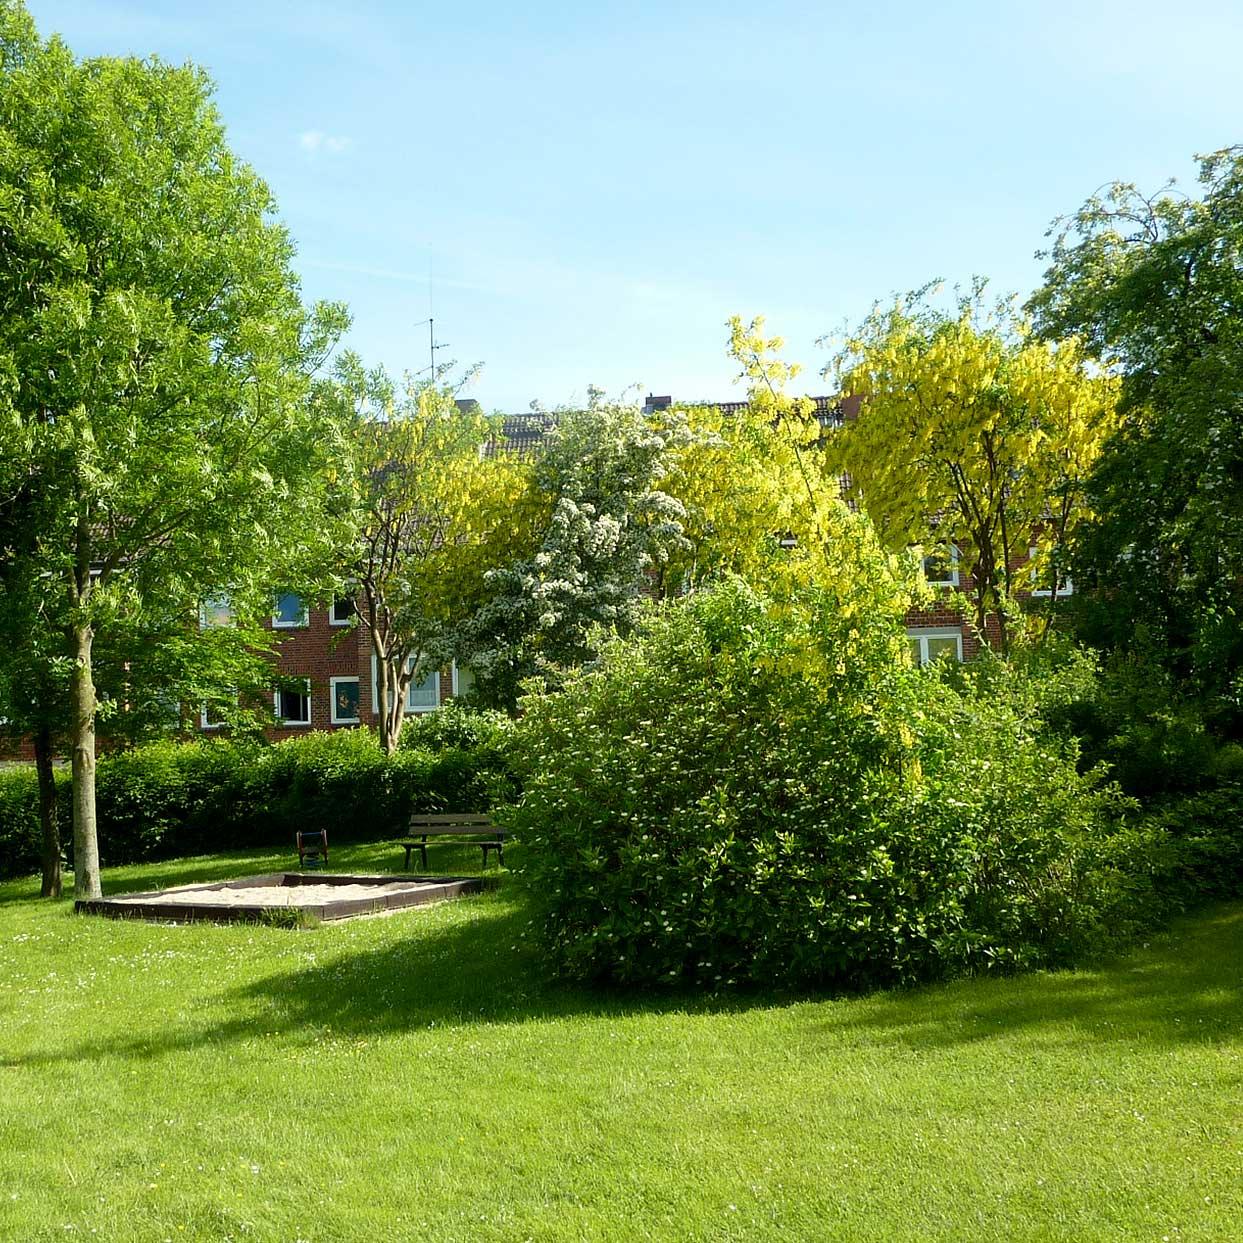 Blick auf den Innenhof der Gärtner- Braustrasse | BGH Kiel